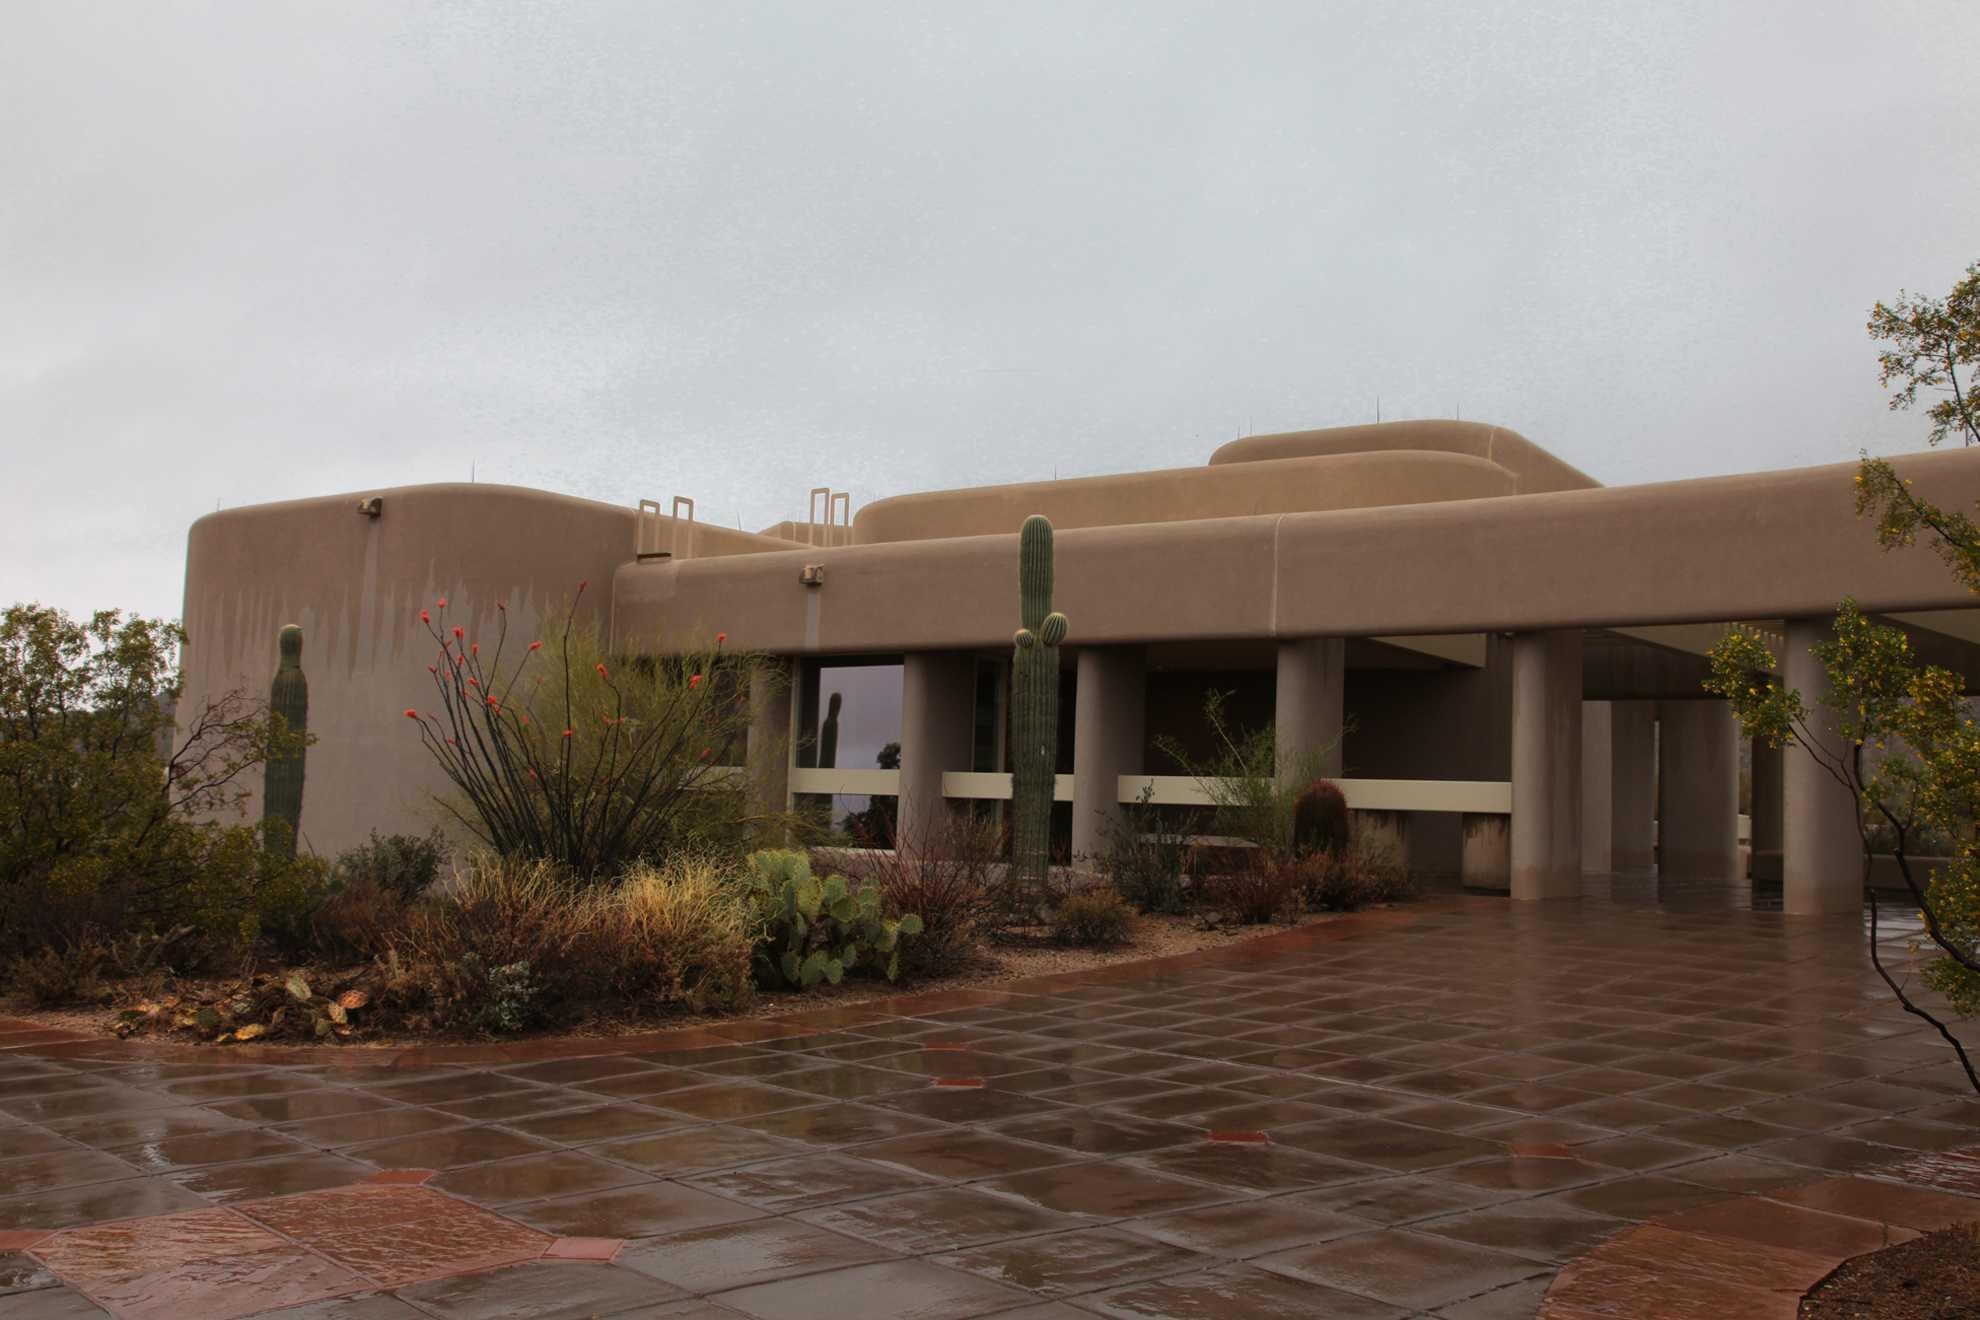 saguaro national park west. Black Bedroom Furniture Sets. Home Design Ideas